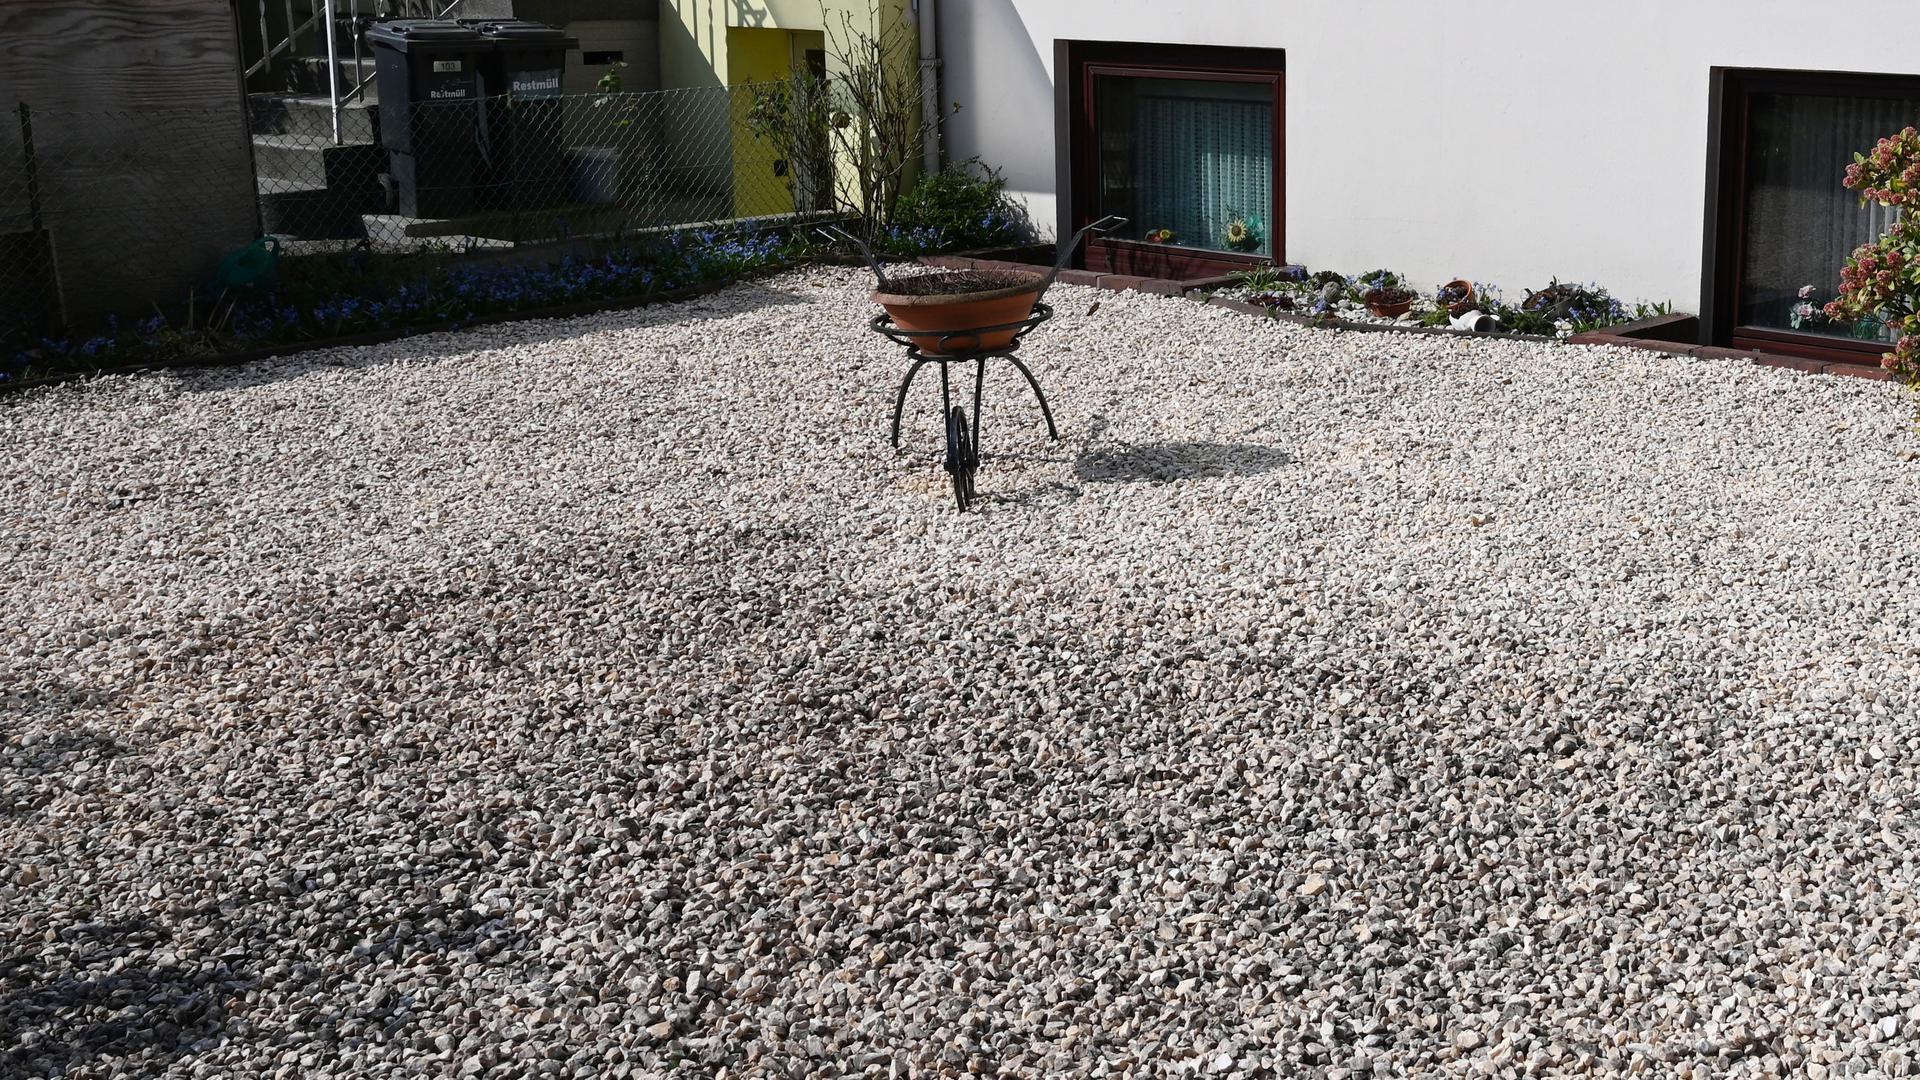 Das Bauamt reagiert auf Anzeigen: Eine Rückverfolgung von Schottergärten können die Kommunen und der Landkreis Karlsruhe nicht leisten. Verstöße gegen das Verbot nehmen die Bauämter aber auf.